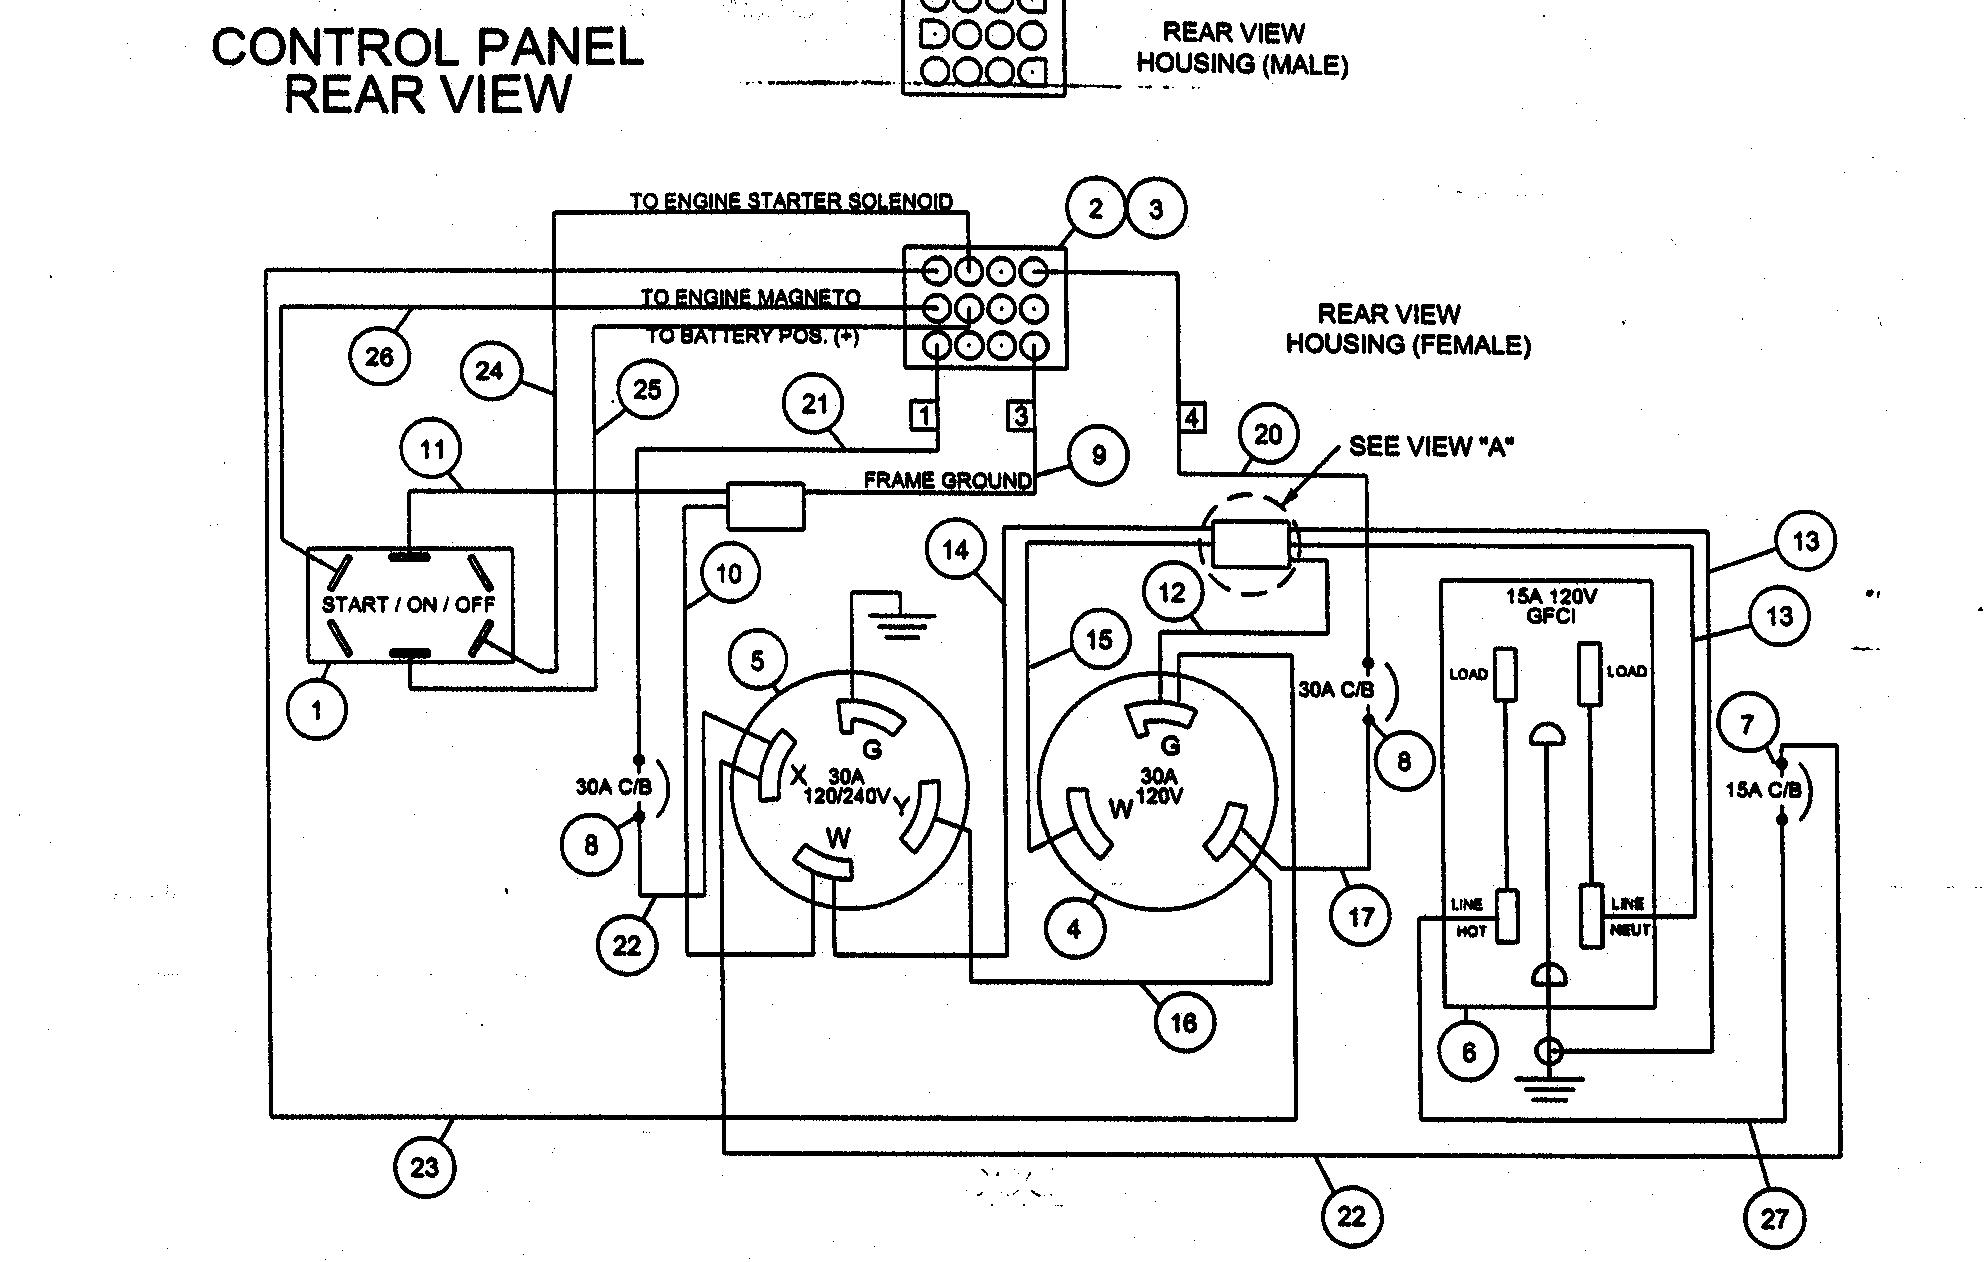 50024988 00006?resize\=665%2C422 kohler ch25s wiring diagram 23 hp kohler engine diagram, 20 hp kohler ch25s wiring diagram at gsmportal.co